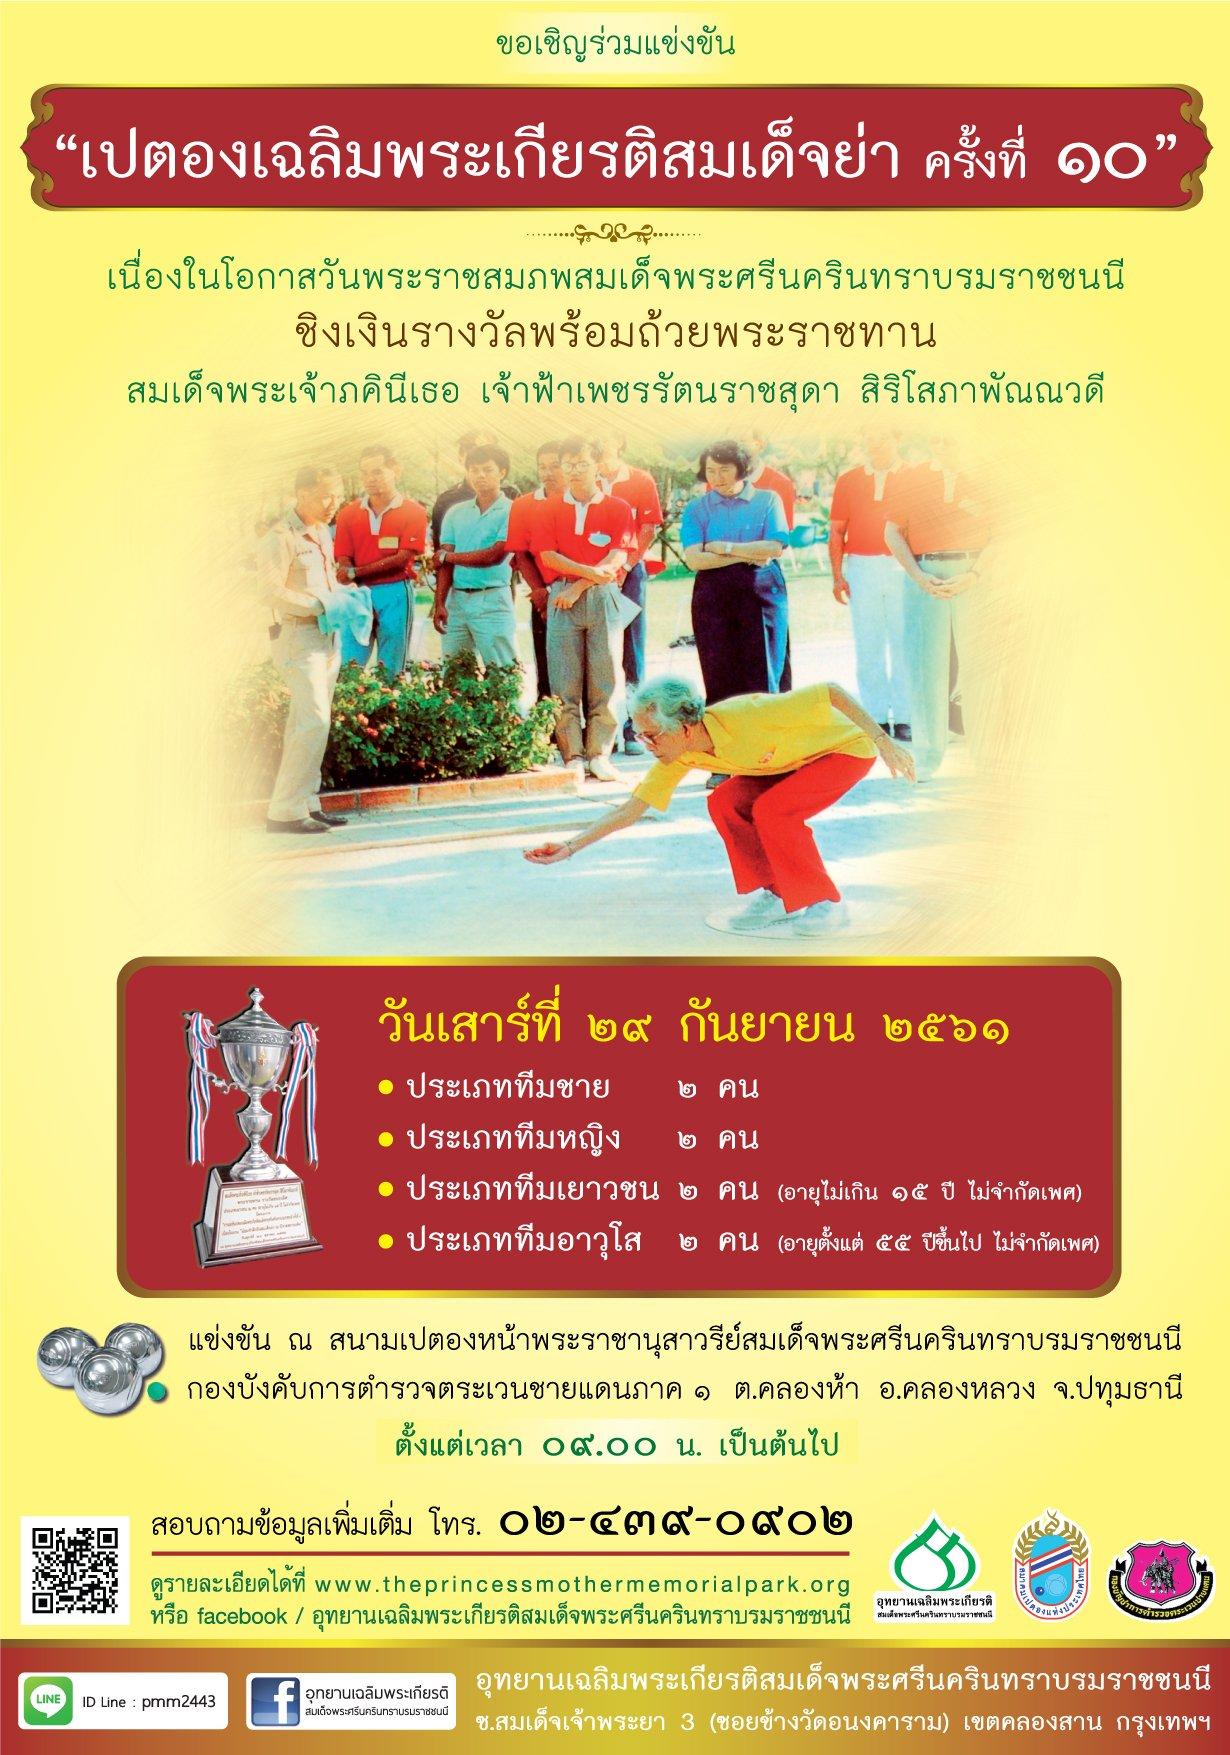 """ขอเชิญร่วมแข่งขัน """"กีฬาเปตองเฉลิมพระเกียรติสมเด็จย่า"""" ครั้งที่ 10 ชิงถ้วยพระราชทาน 2 -"""